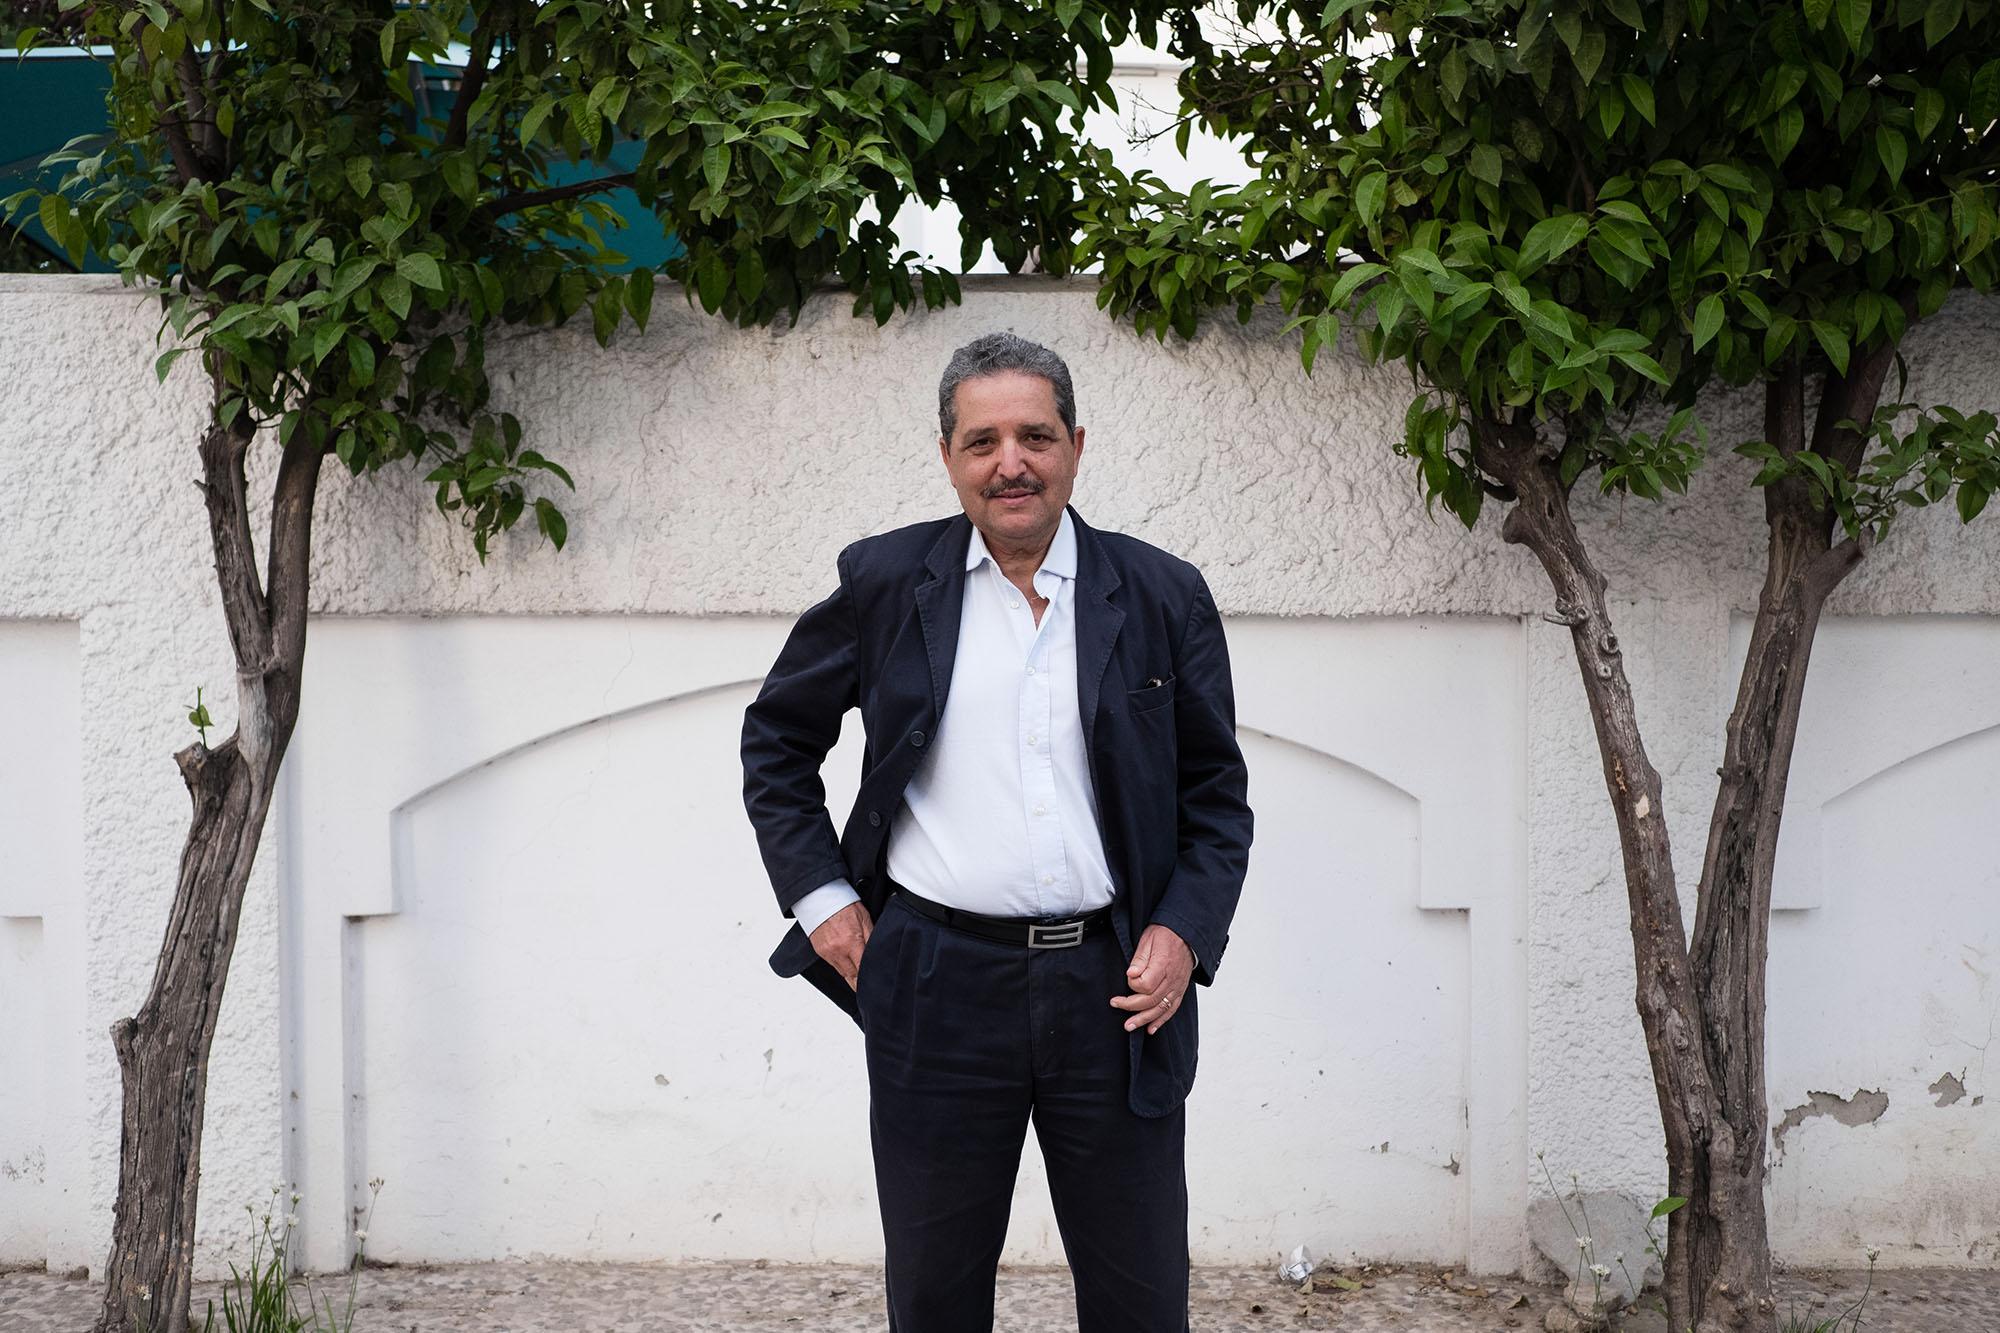 Candidats aux élections municipales en Tunisie. Mai 2018. Pour Libération.